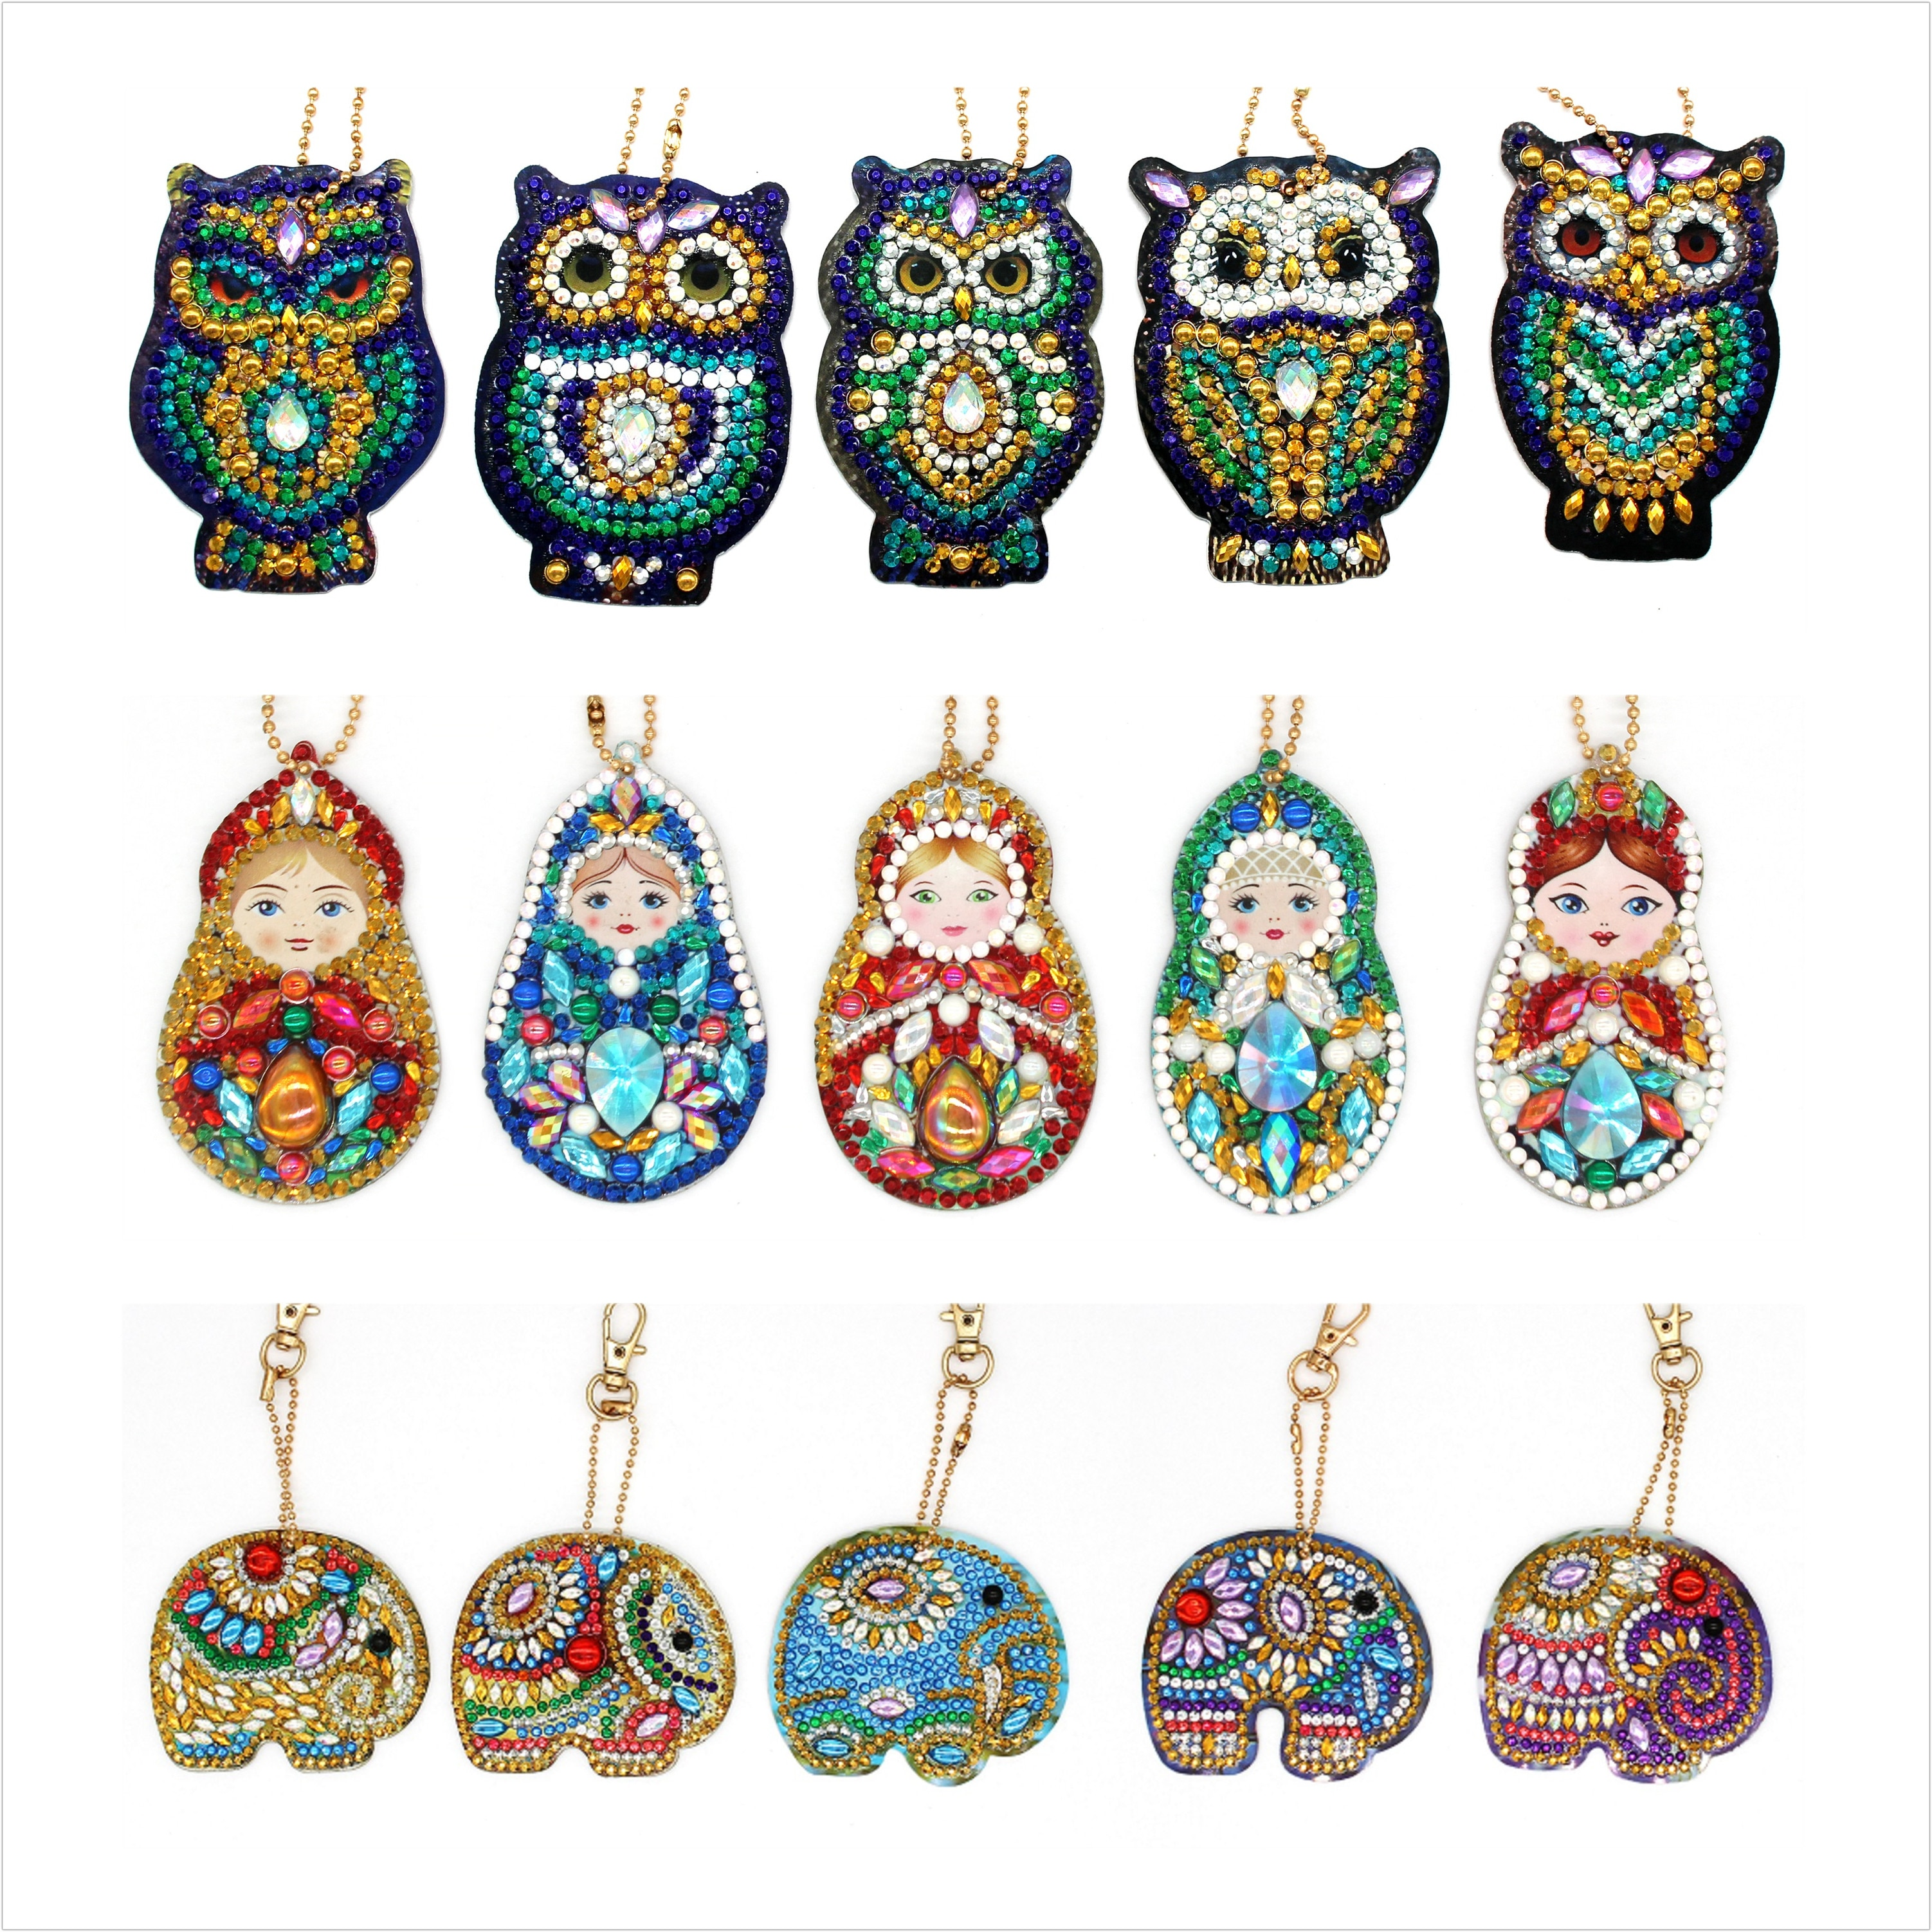 Muñeca rusa búho Diy llavero de diamante pintura mosaico regalo de Navidad 5 uds Diy completamente especial taladro mujer chica joyería llavero